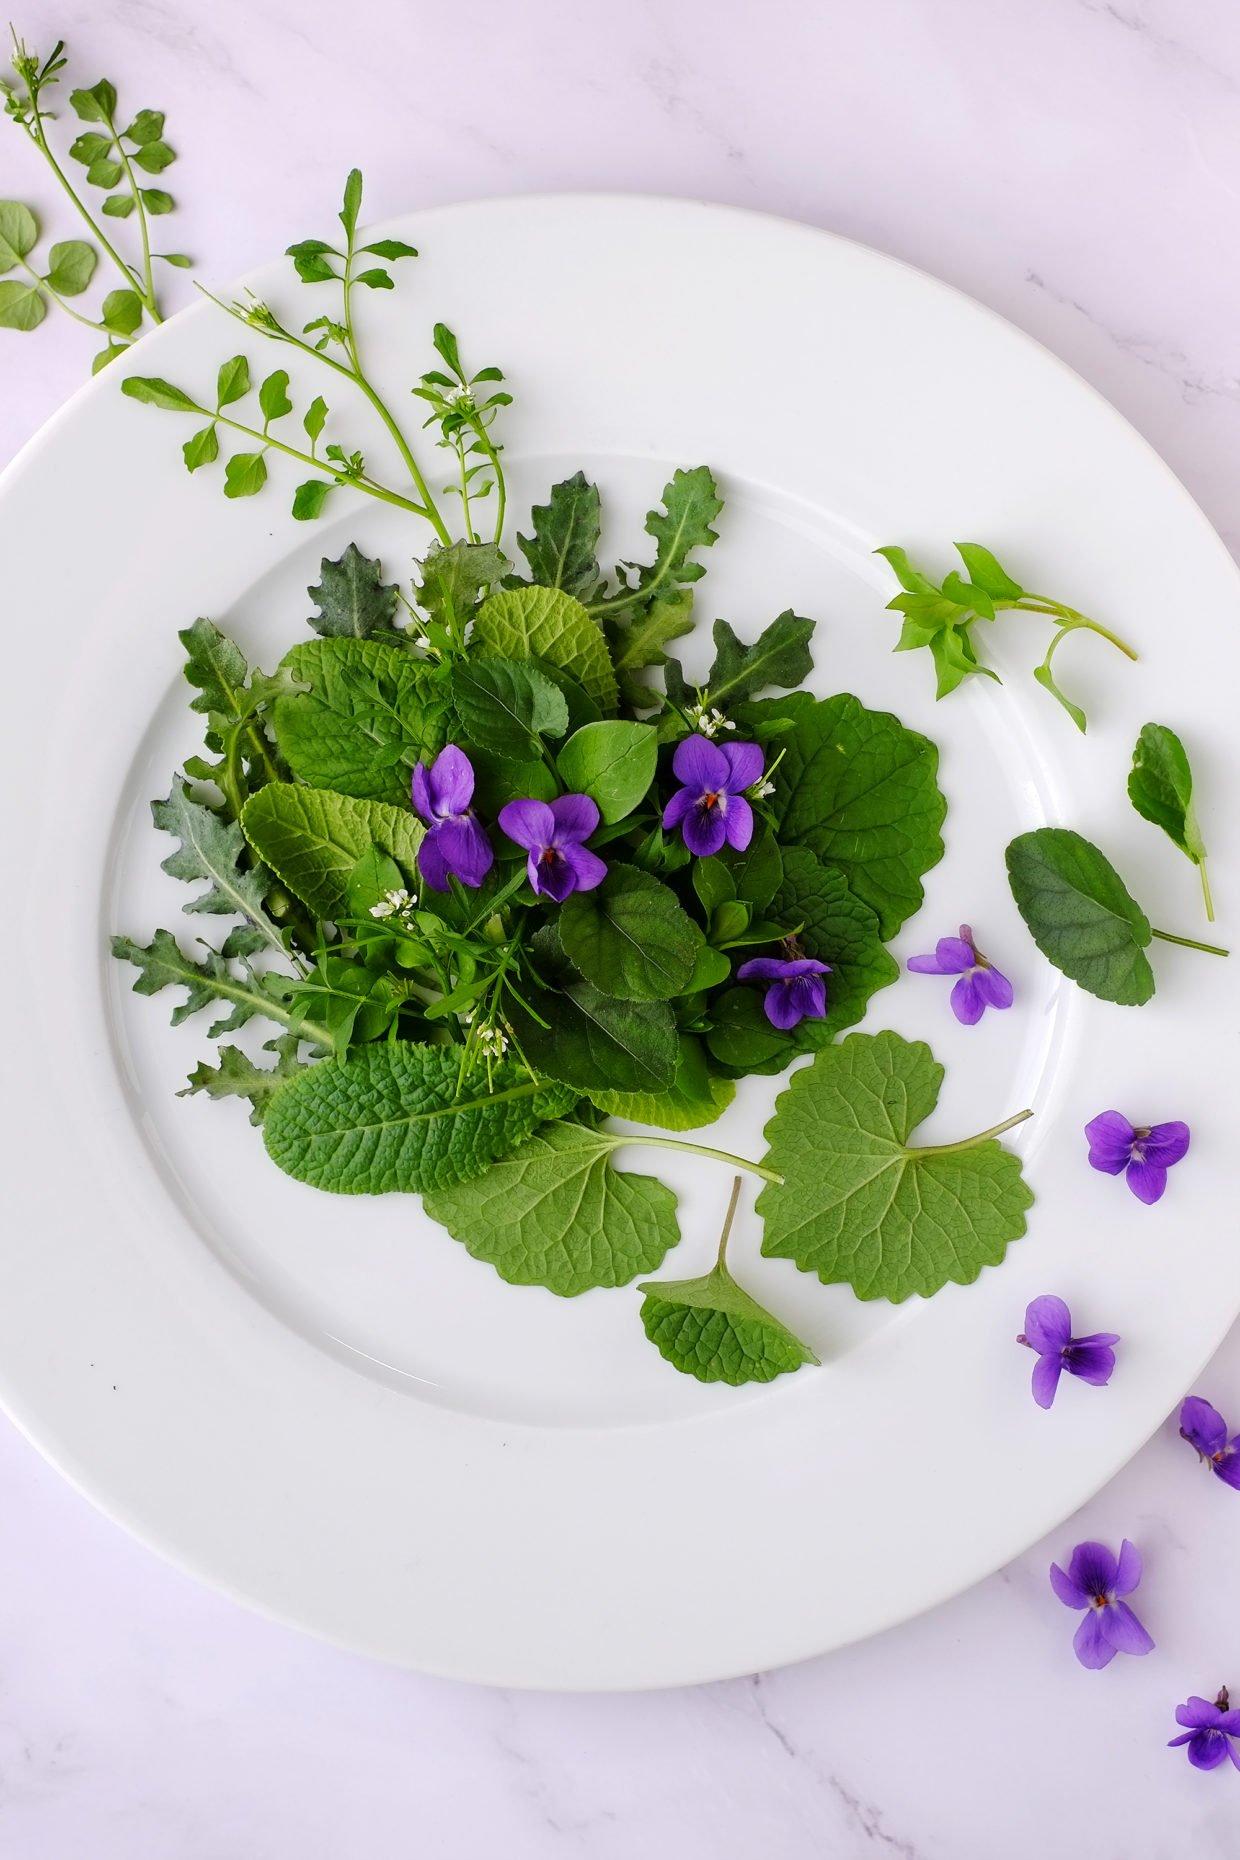 Misticanza d'inizio marzo con fiori di violetta e cardamine 23